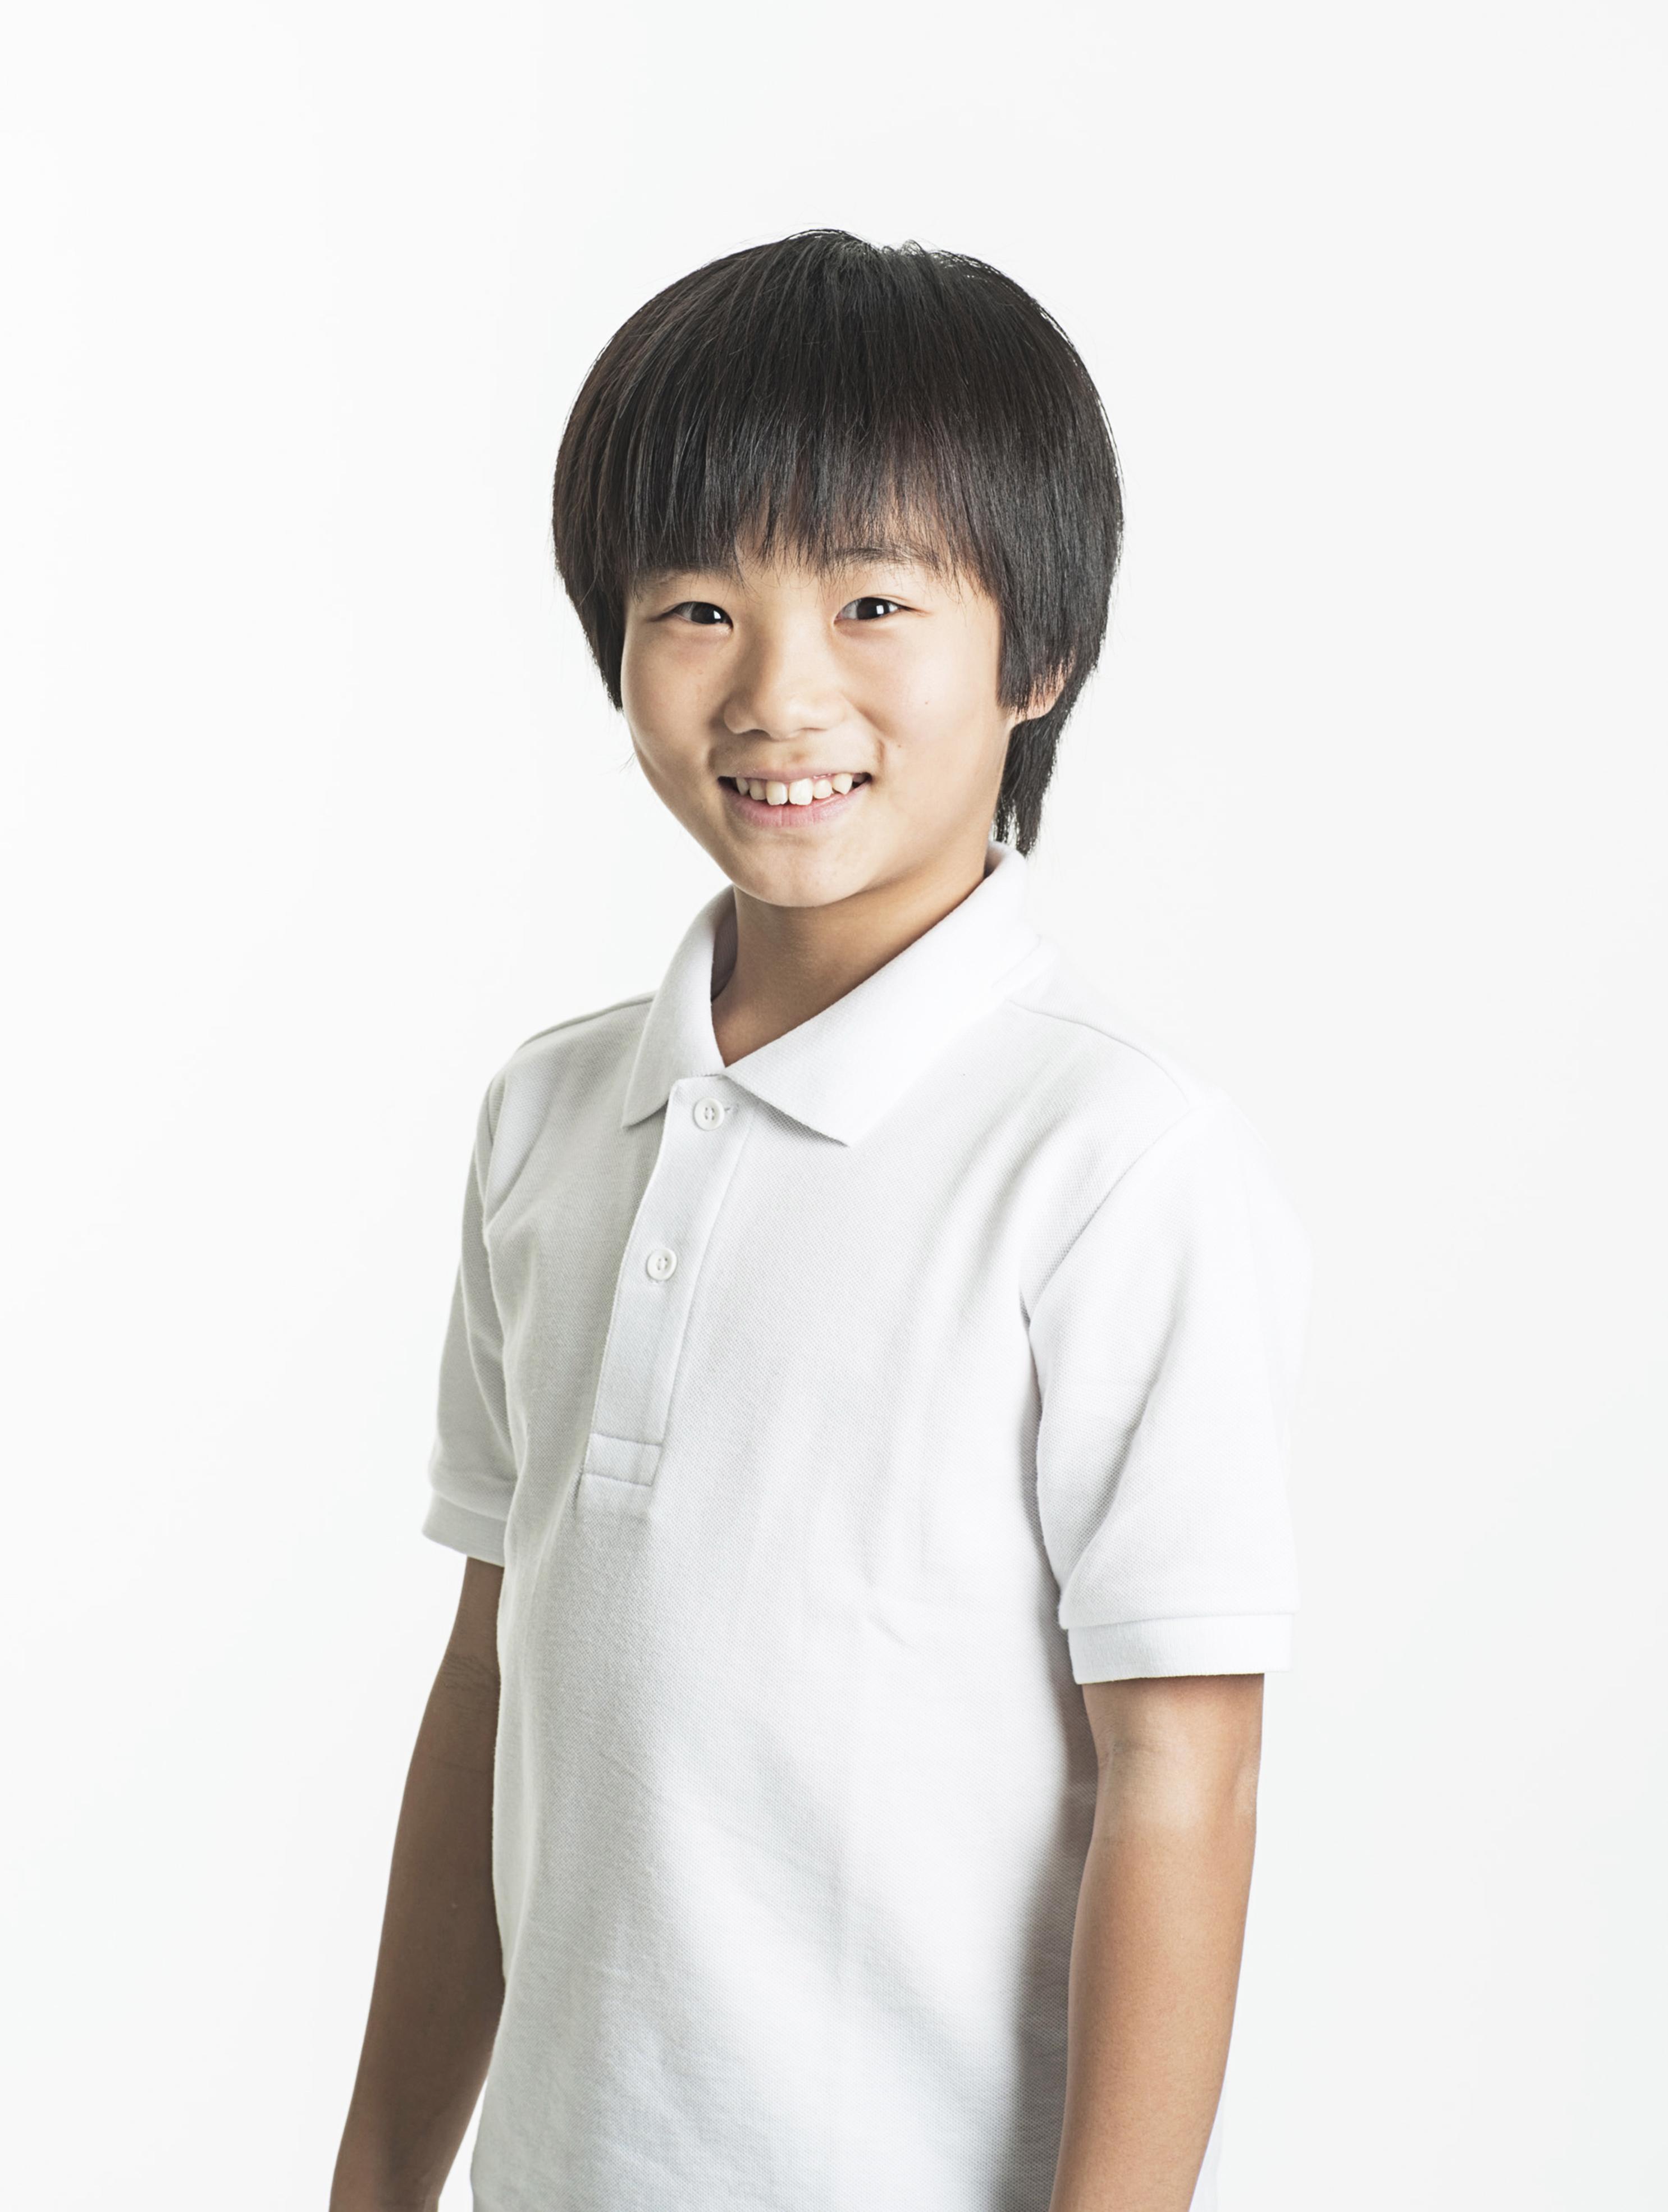 木村咲哉(きむら・さくや)東京出身 11歳